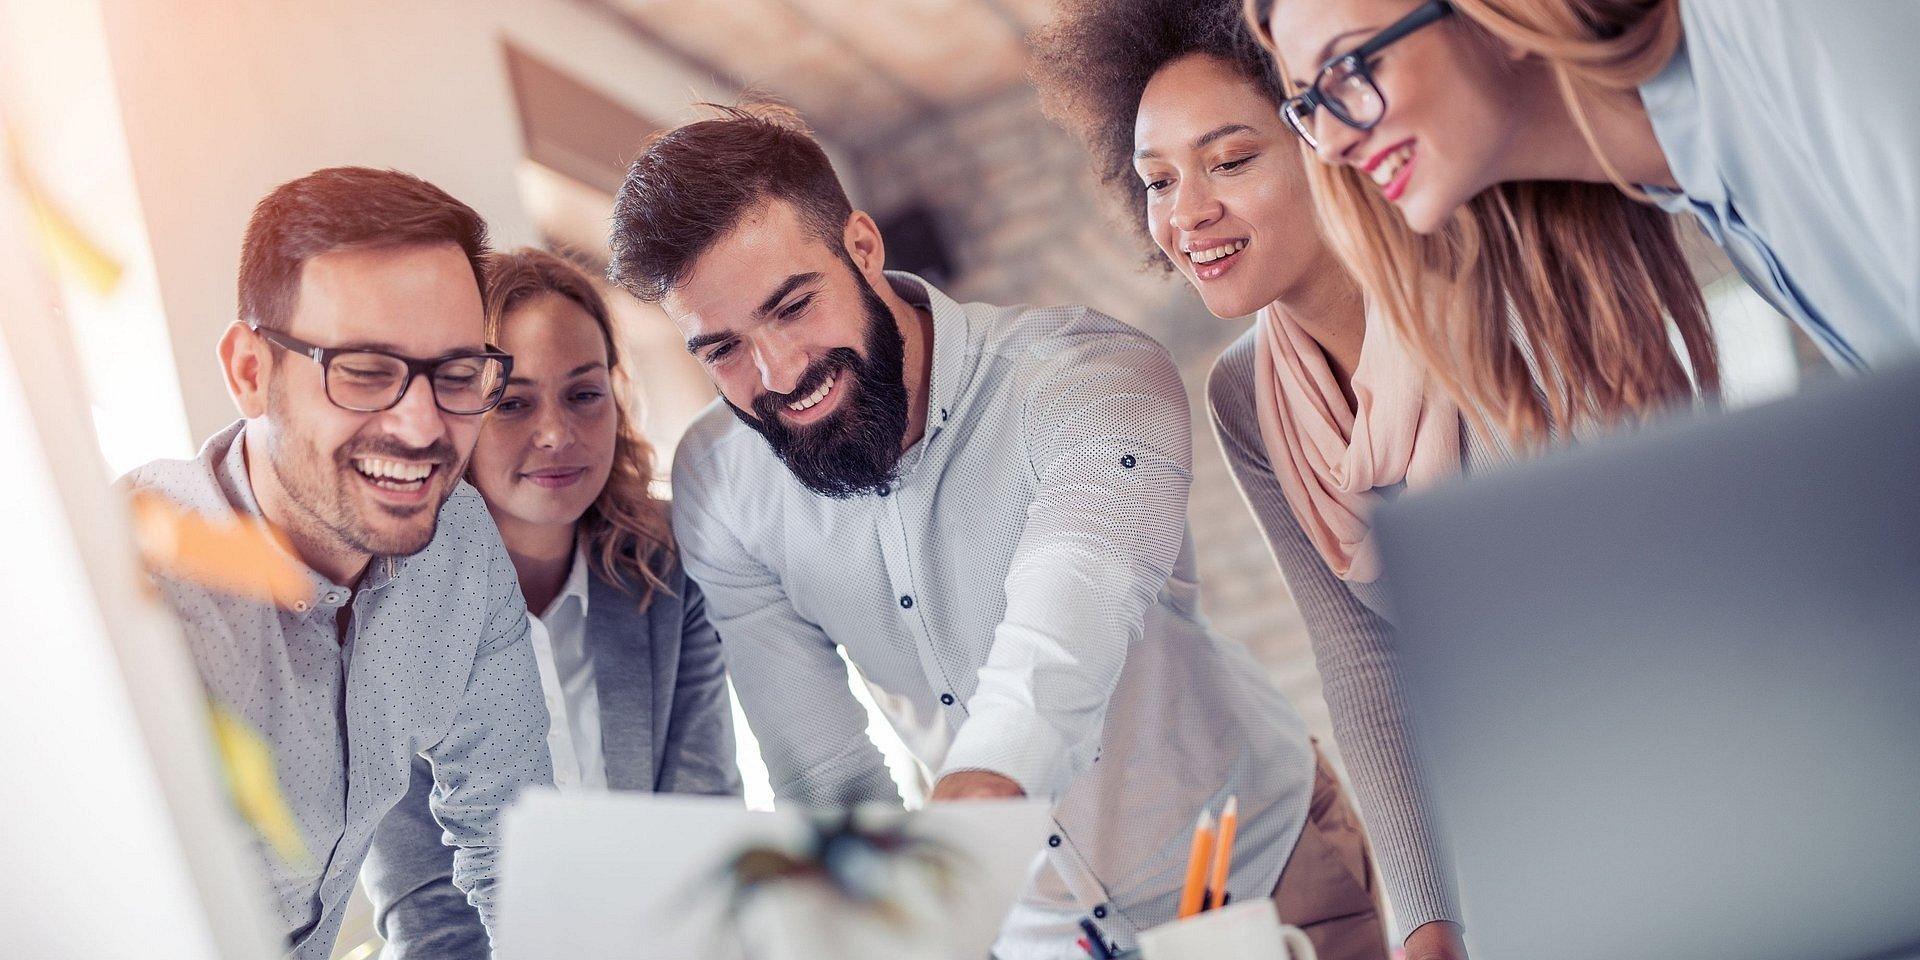 Компания Extreme Networks отмечена наградой Gartner Peer Insights Customers' Choice («Выбор пользователей») в категории «Сетевые решения для ЦОД»!